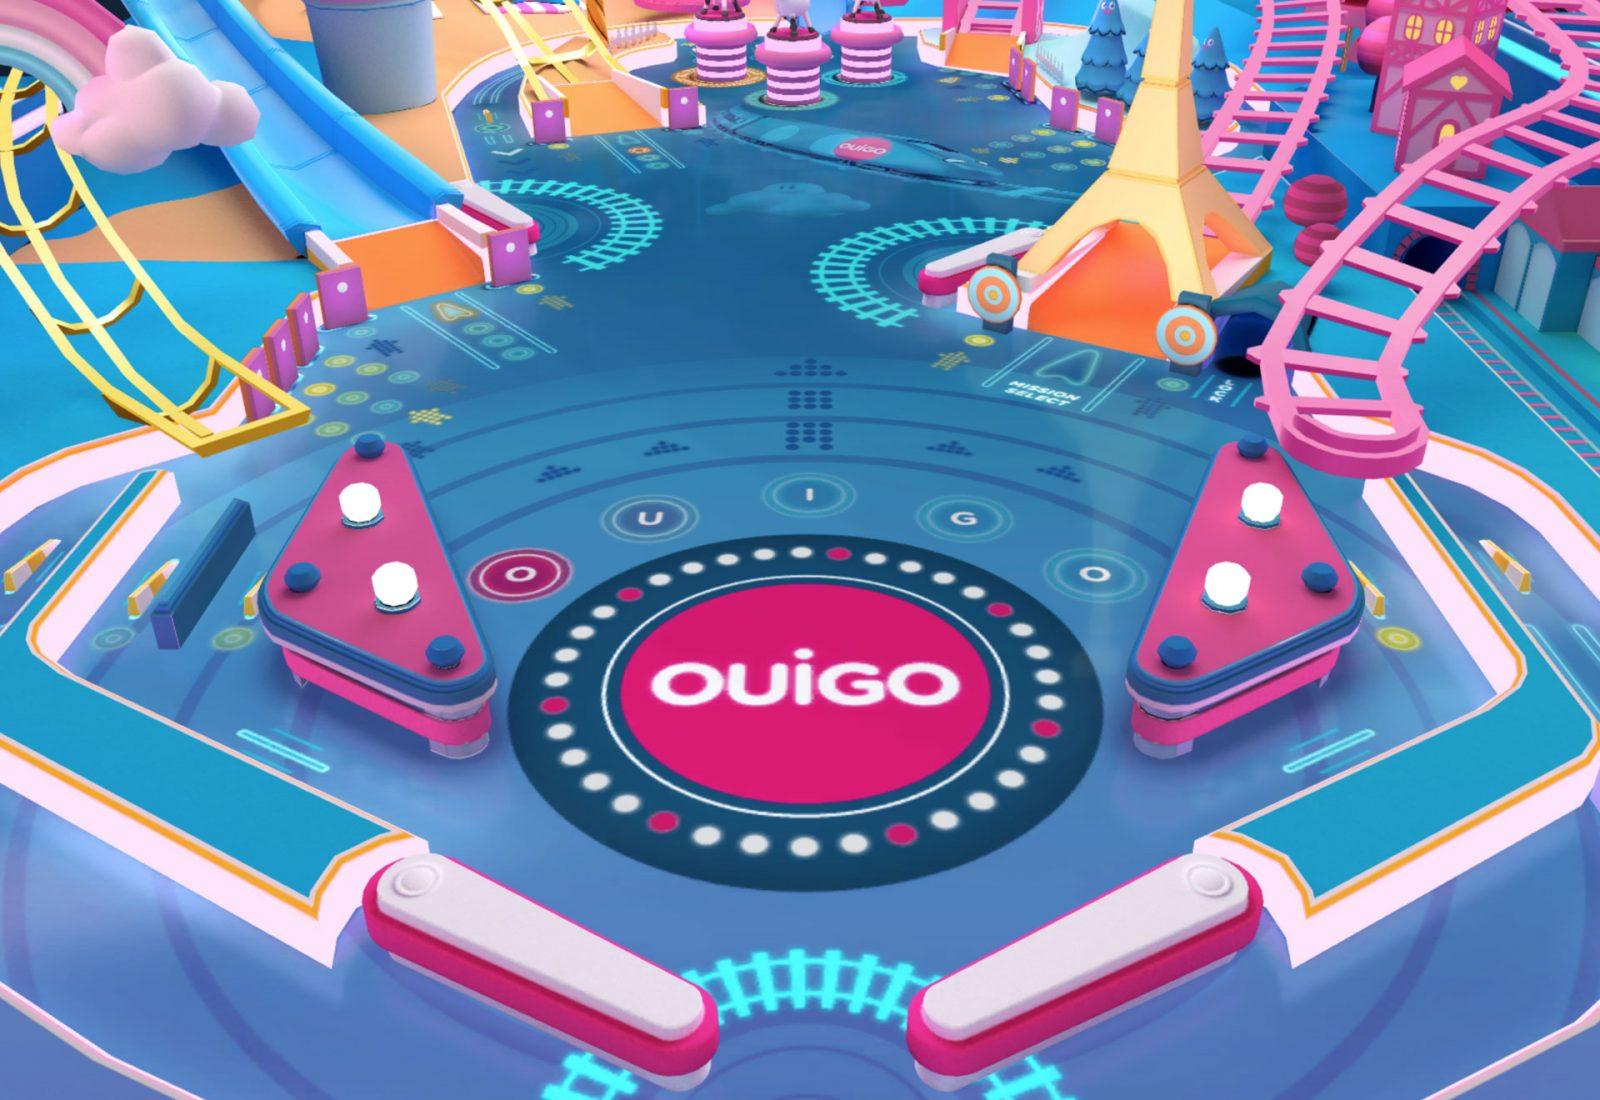 Ouigo WebGL Game